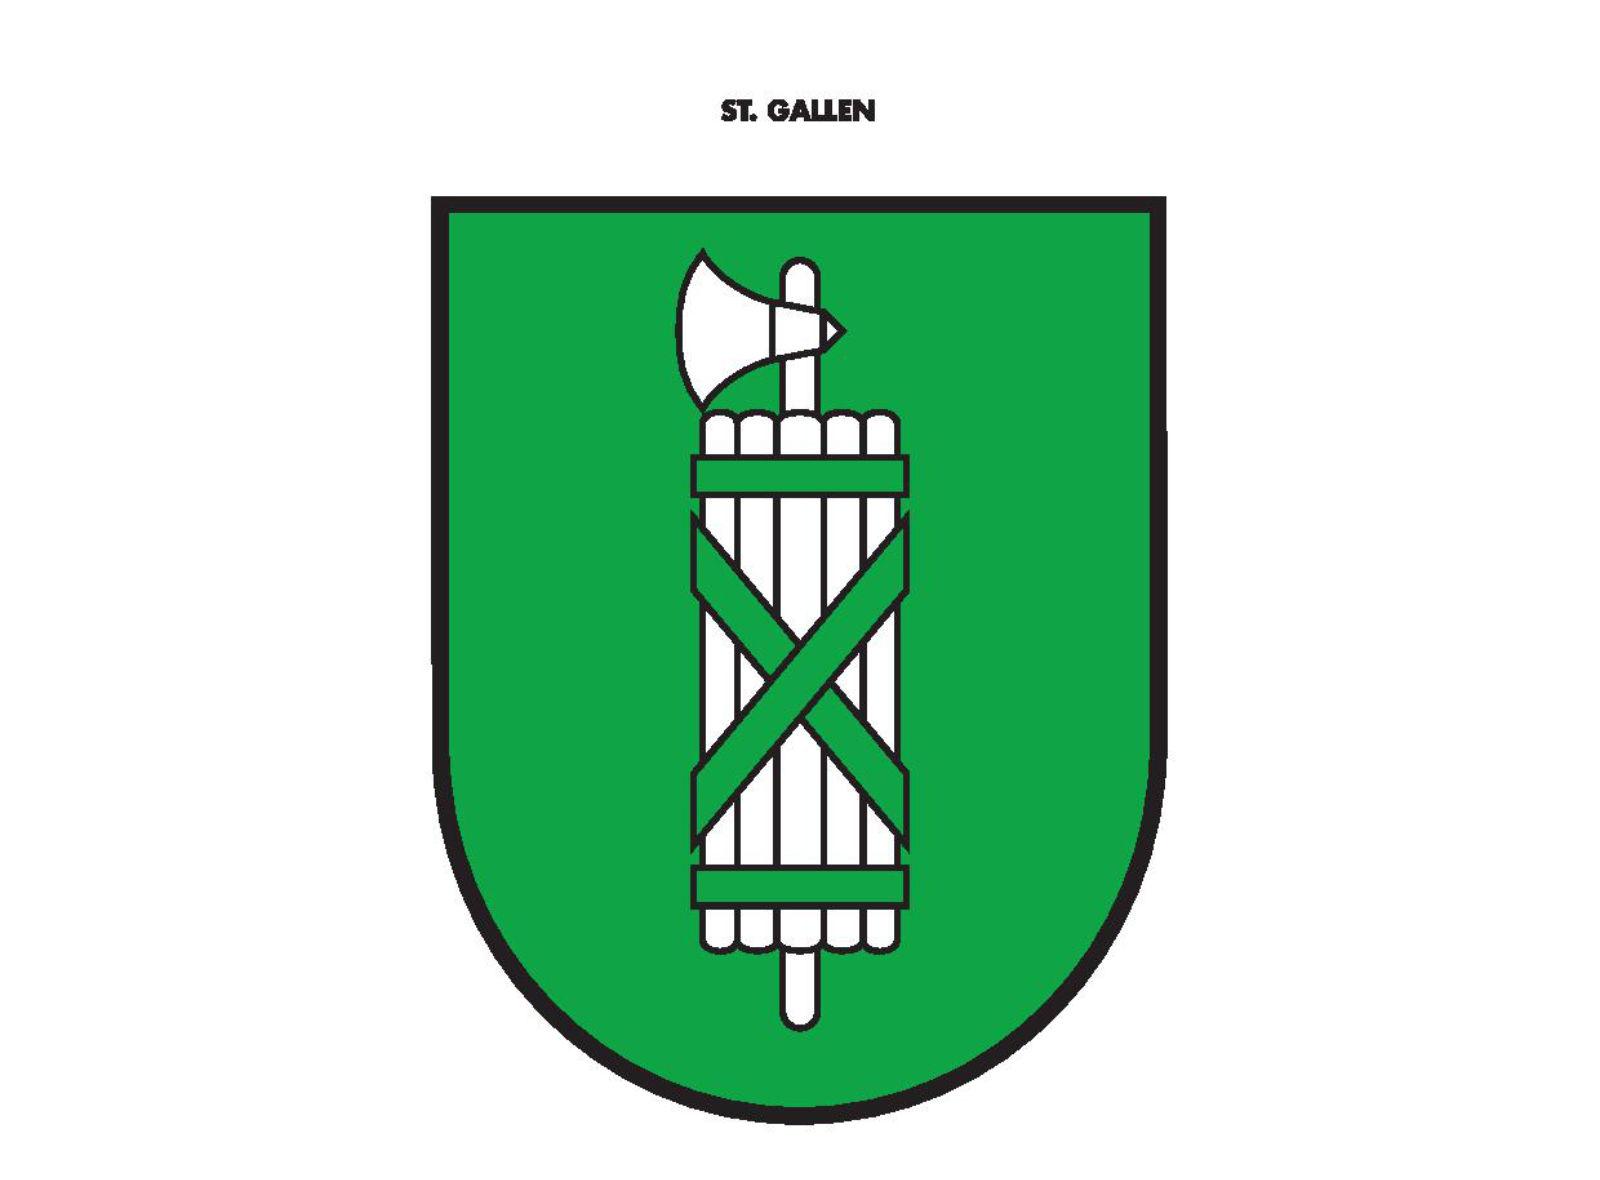 Schweizer Kantone – St. Gallen